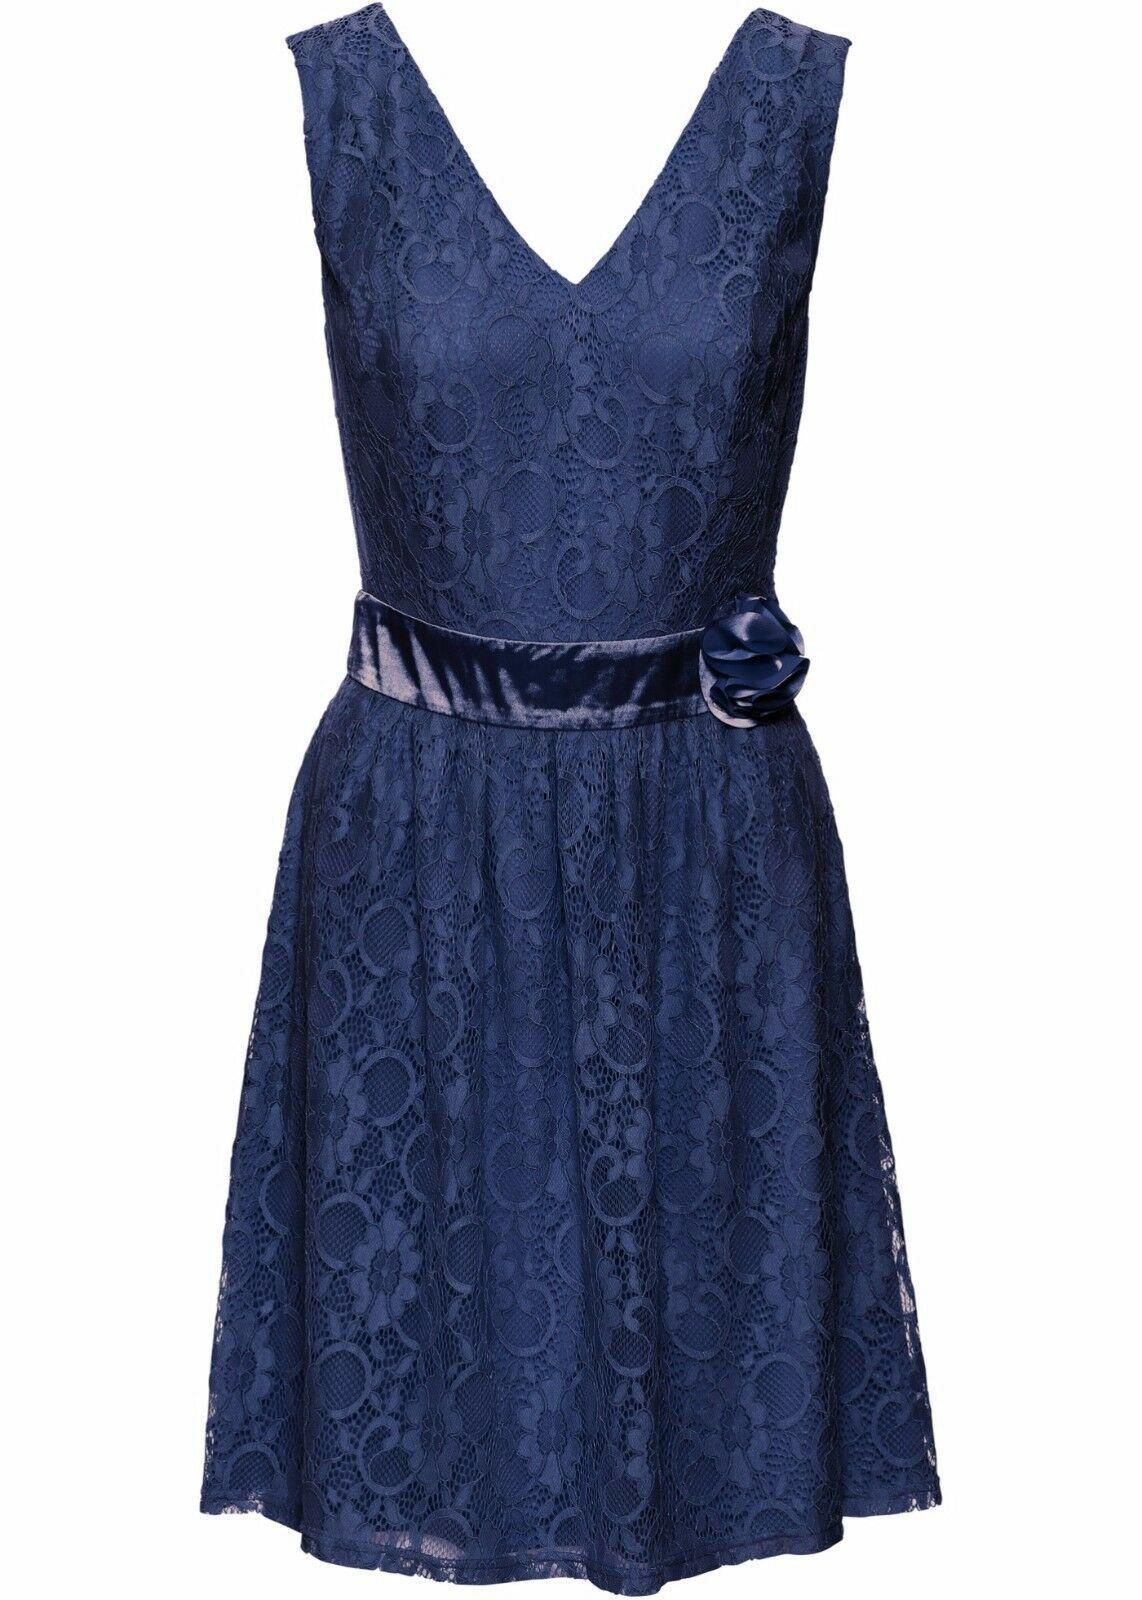 traumhaftes spitzenkleid in mitternachtsblau im super design